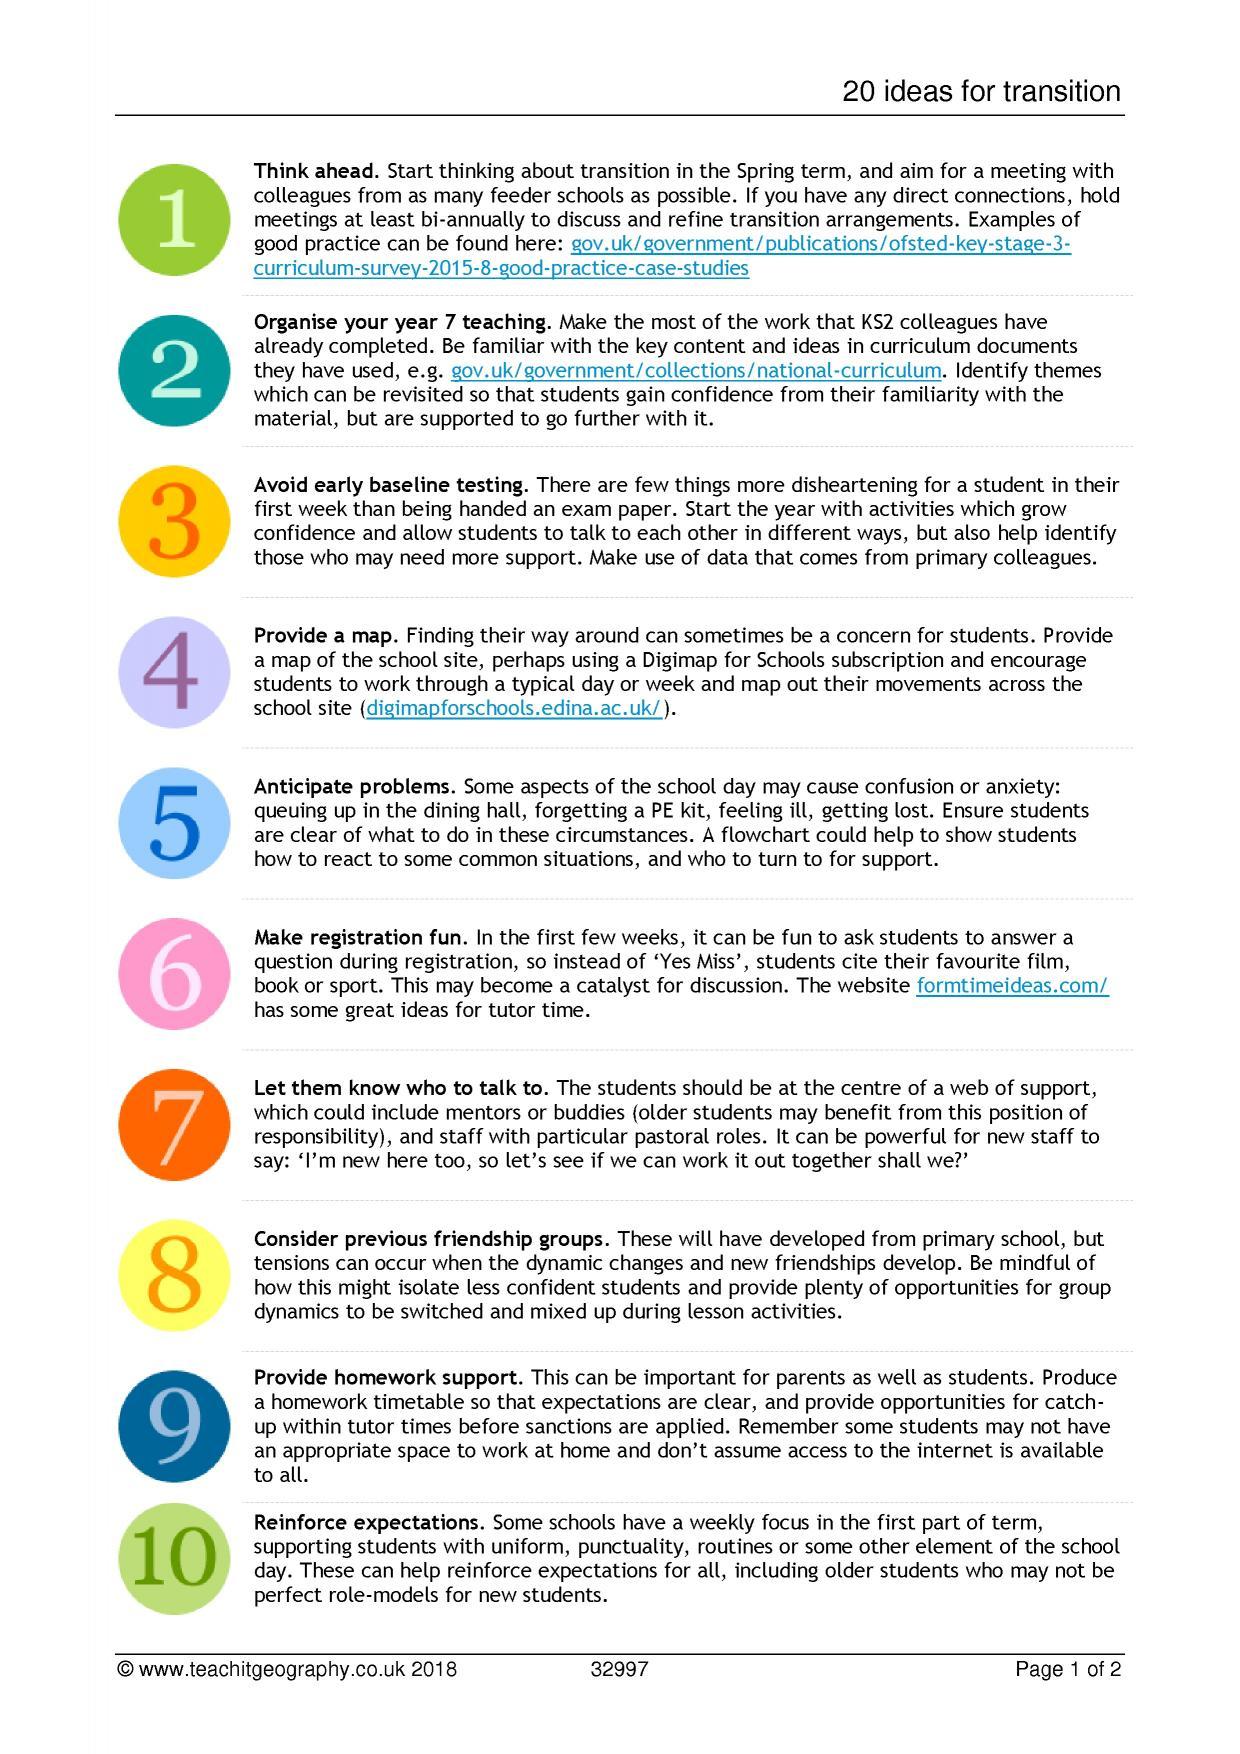 20 ideas for transition | KS2 to KS3 transition ideas | KS3